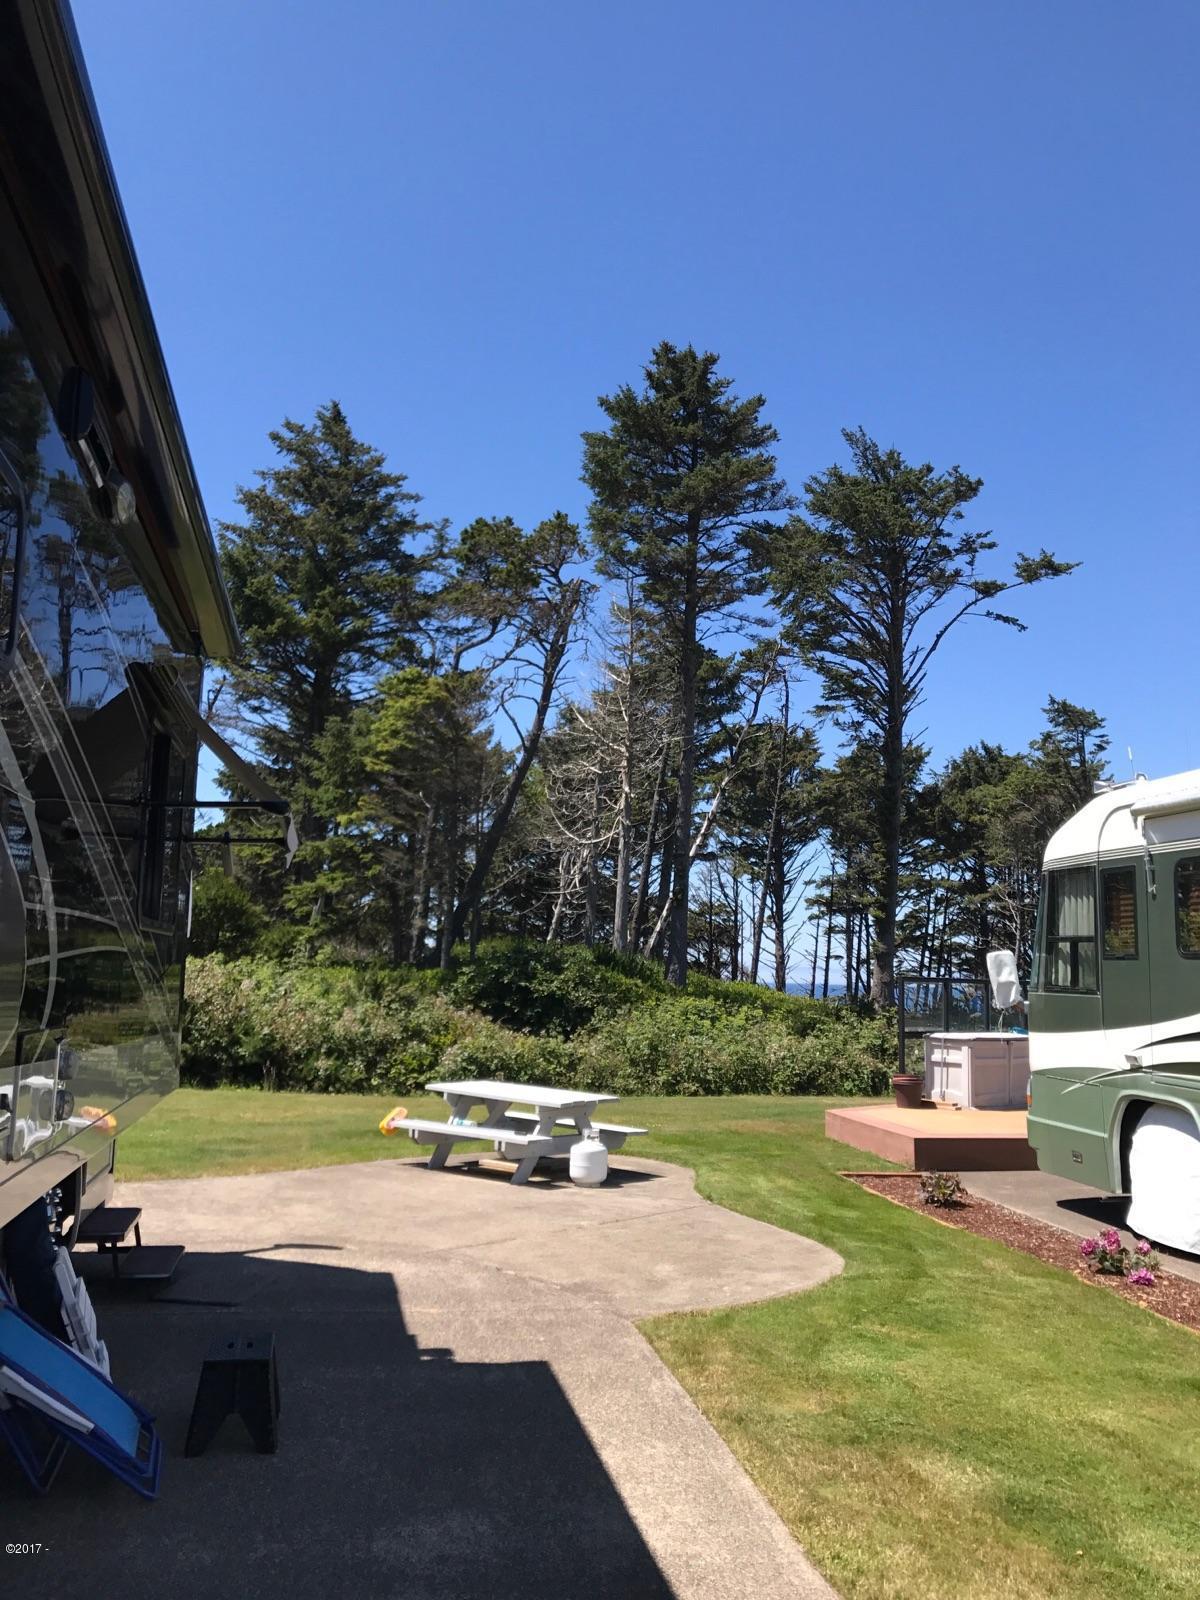 6225 N Coast Hwy Lot 33, Newport, OR 97365 - 2C694B1B-926B-4BCC-9105-5B5EE2B1AE44.JPG